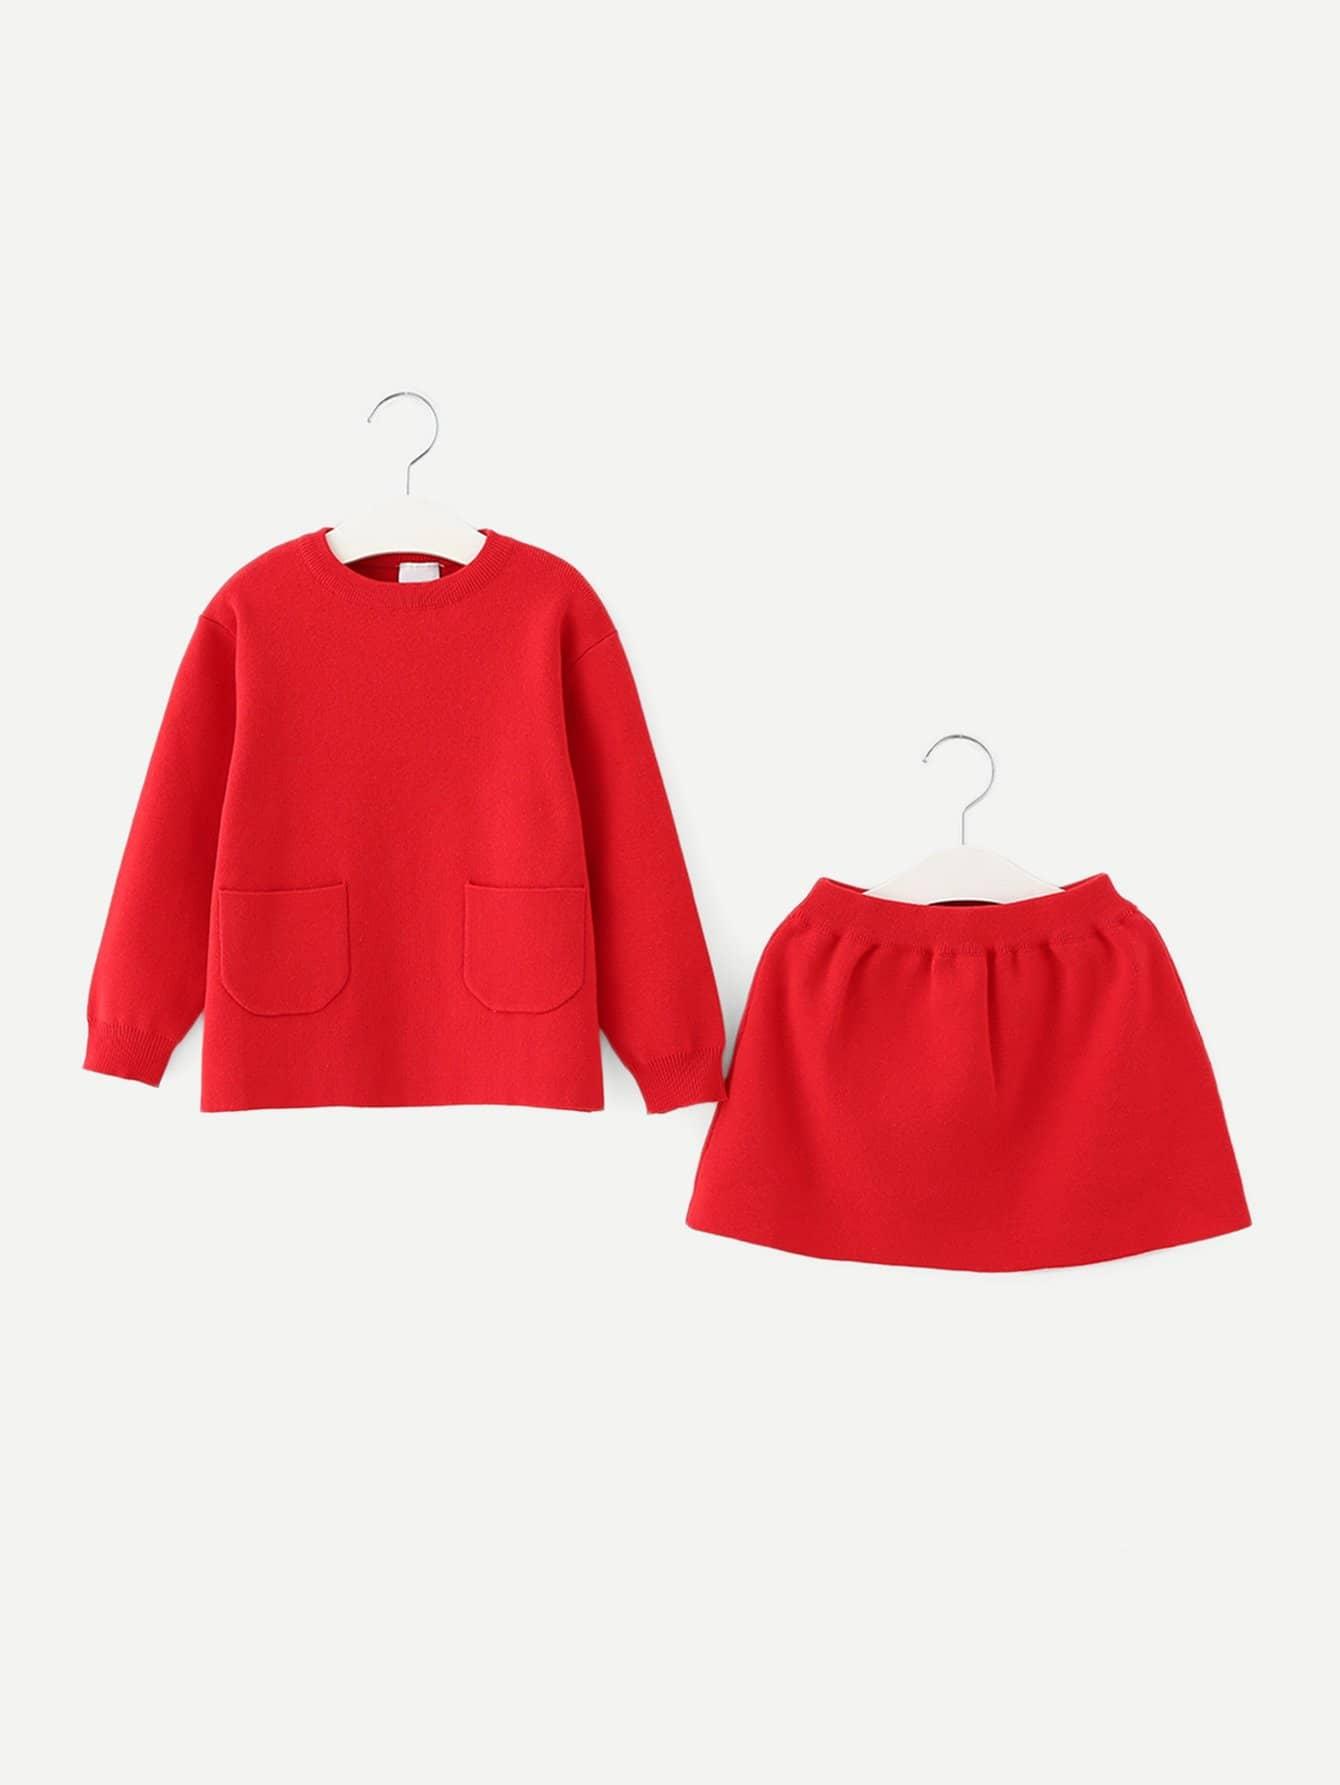 Купить Для девочек твердый свитер и юбка, null, SheIn